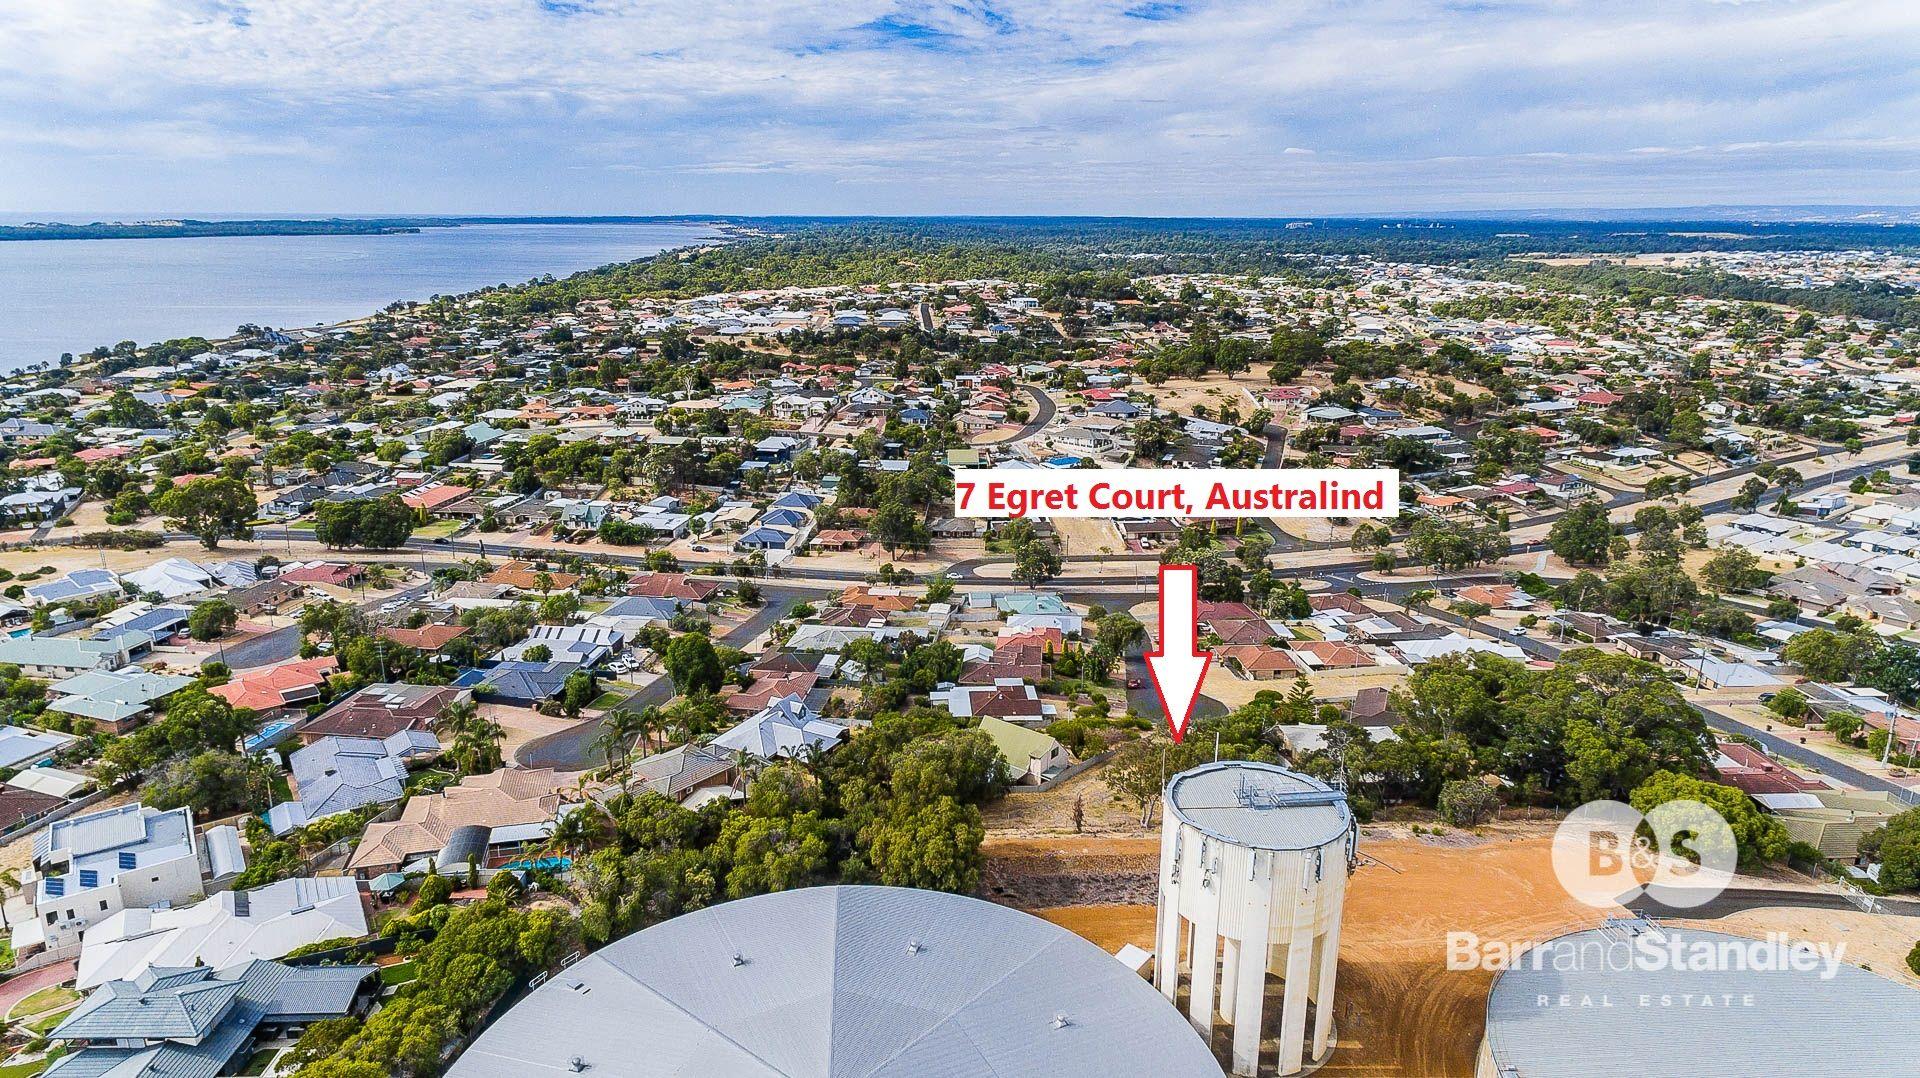 7 Egret Court, Australind